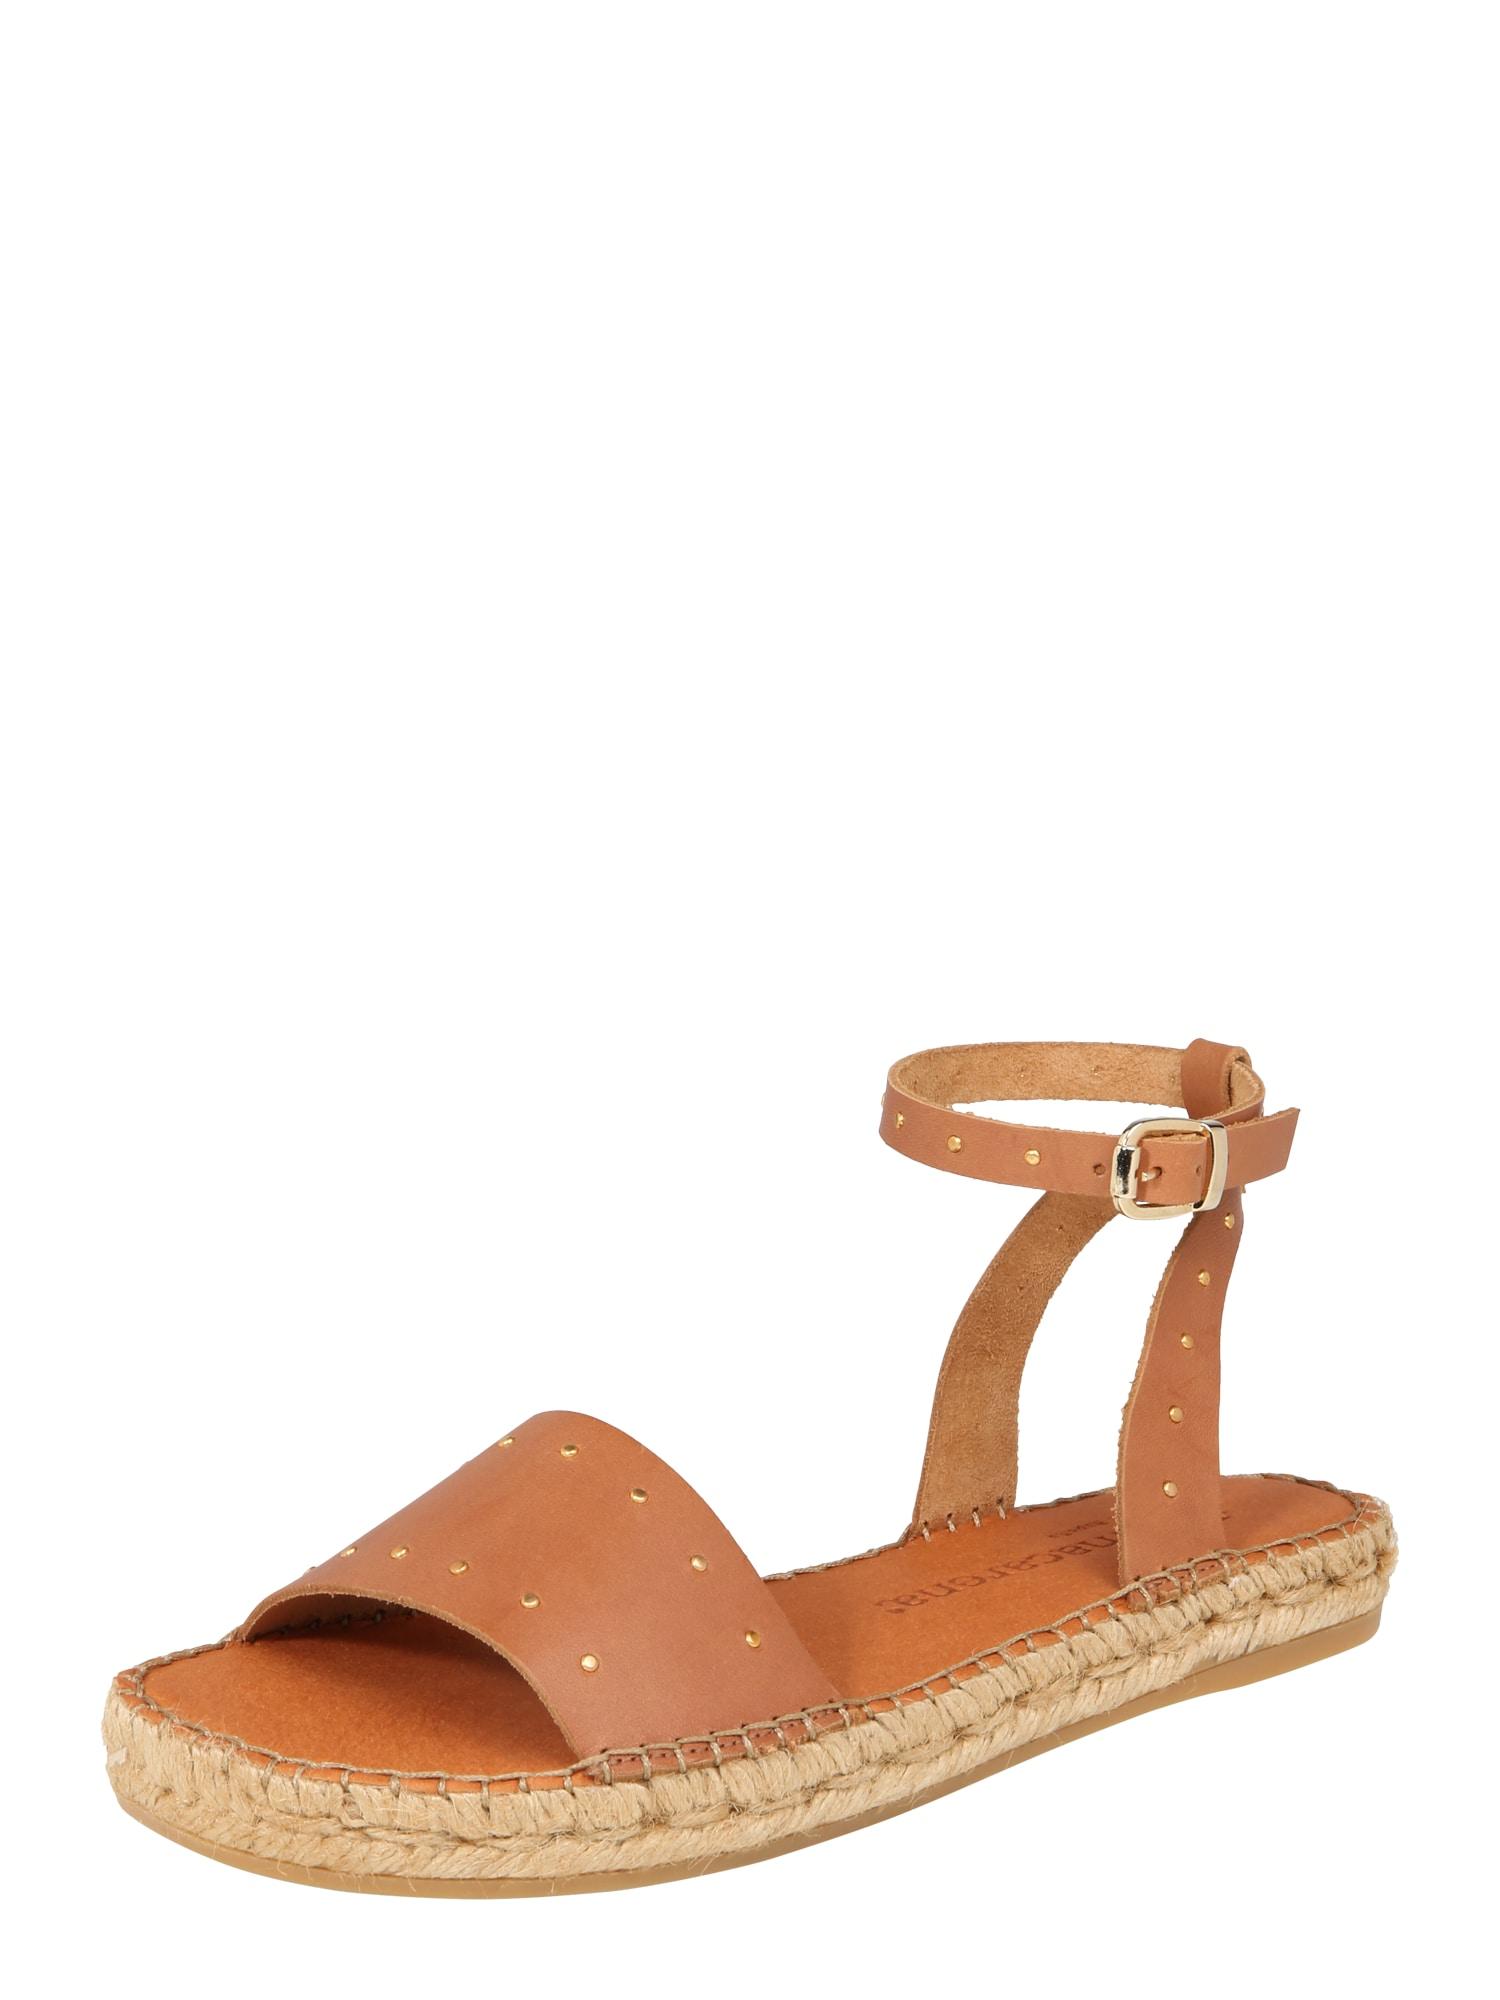 Páskové sandály Nika 16 koňaková MACARENA